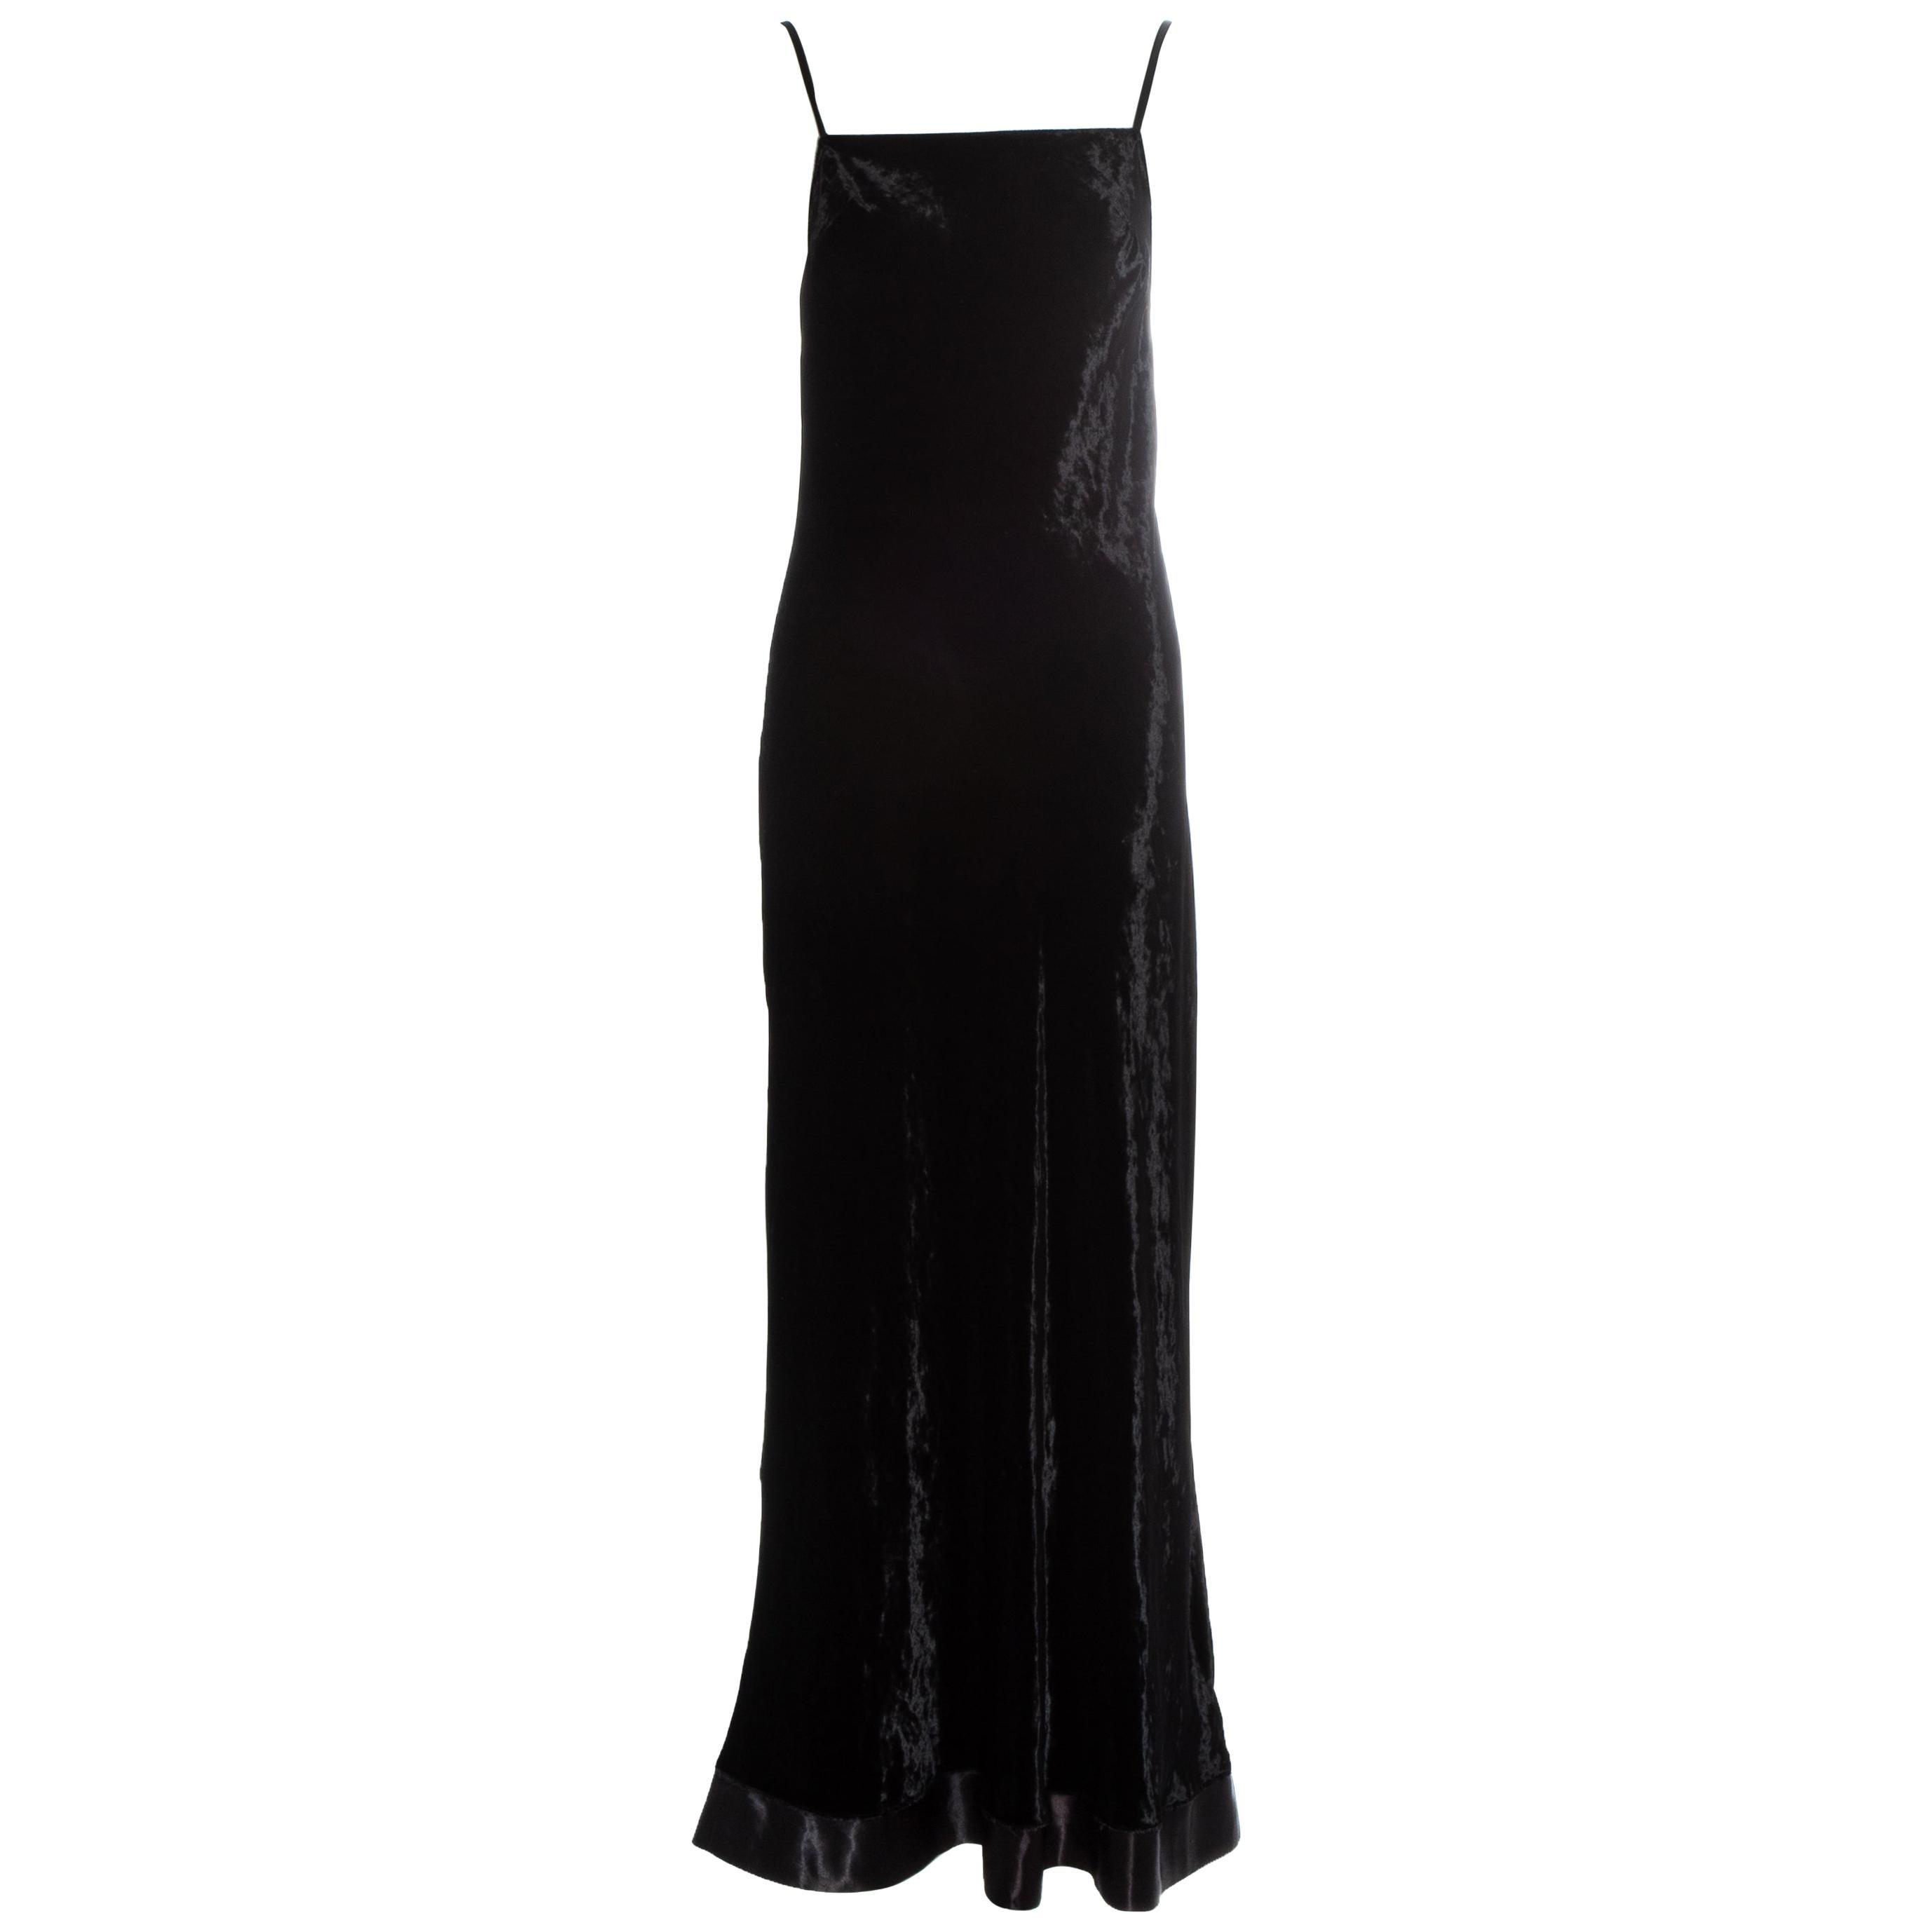 Martin Margiela black velvet maxi slip dress, fw 1995